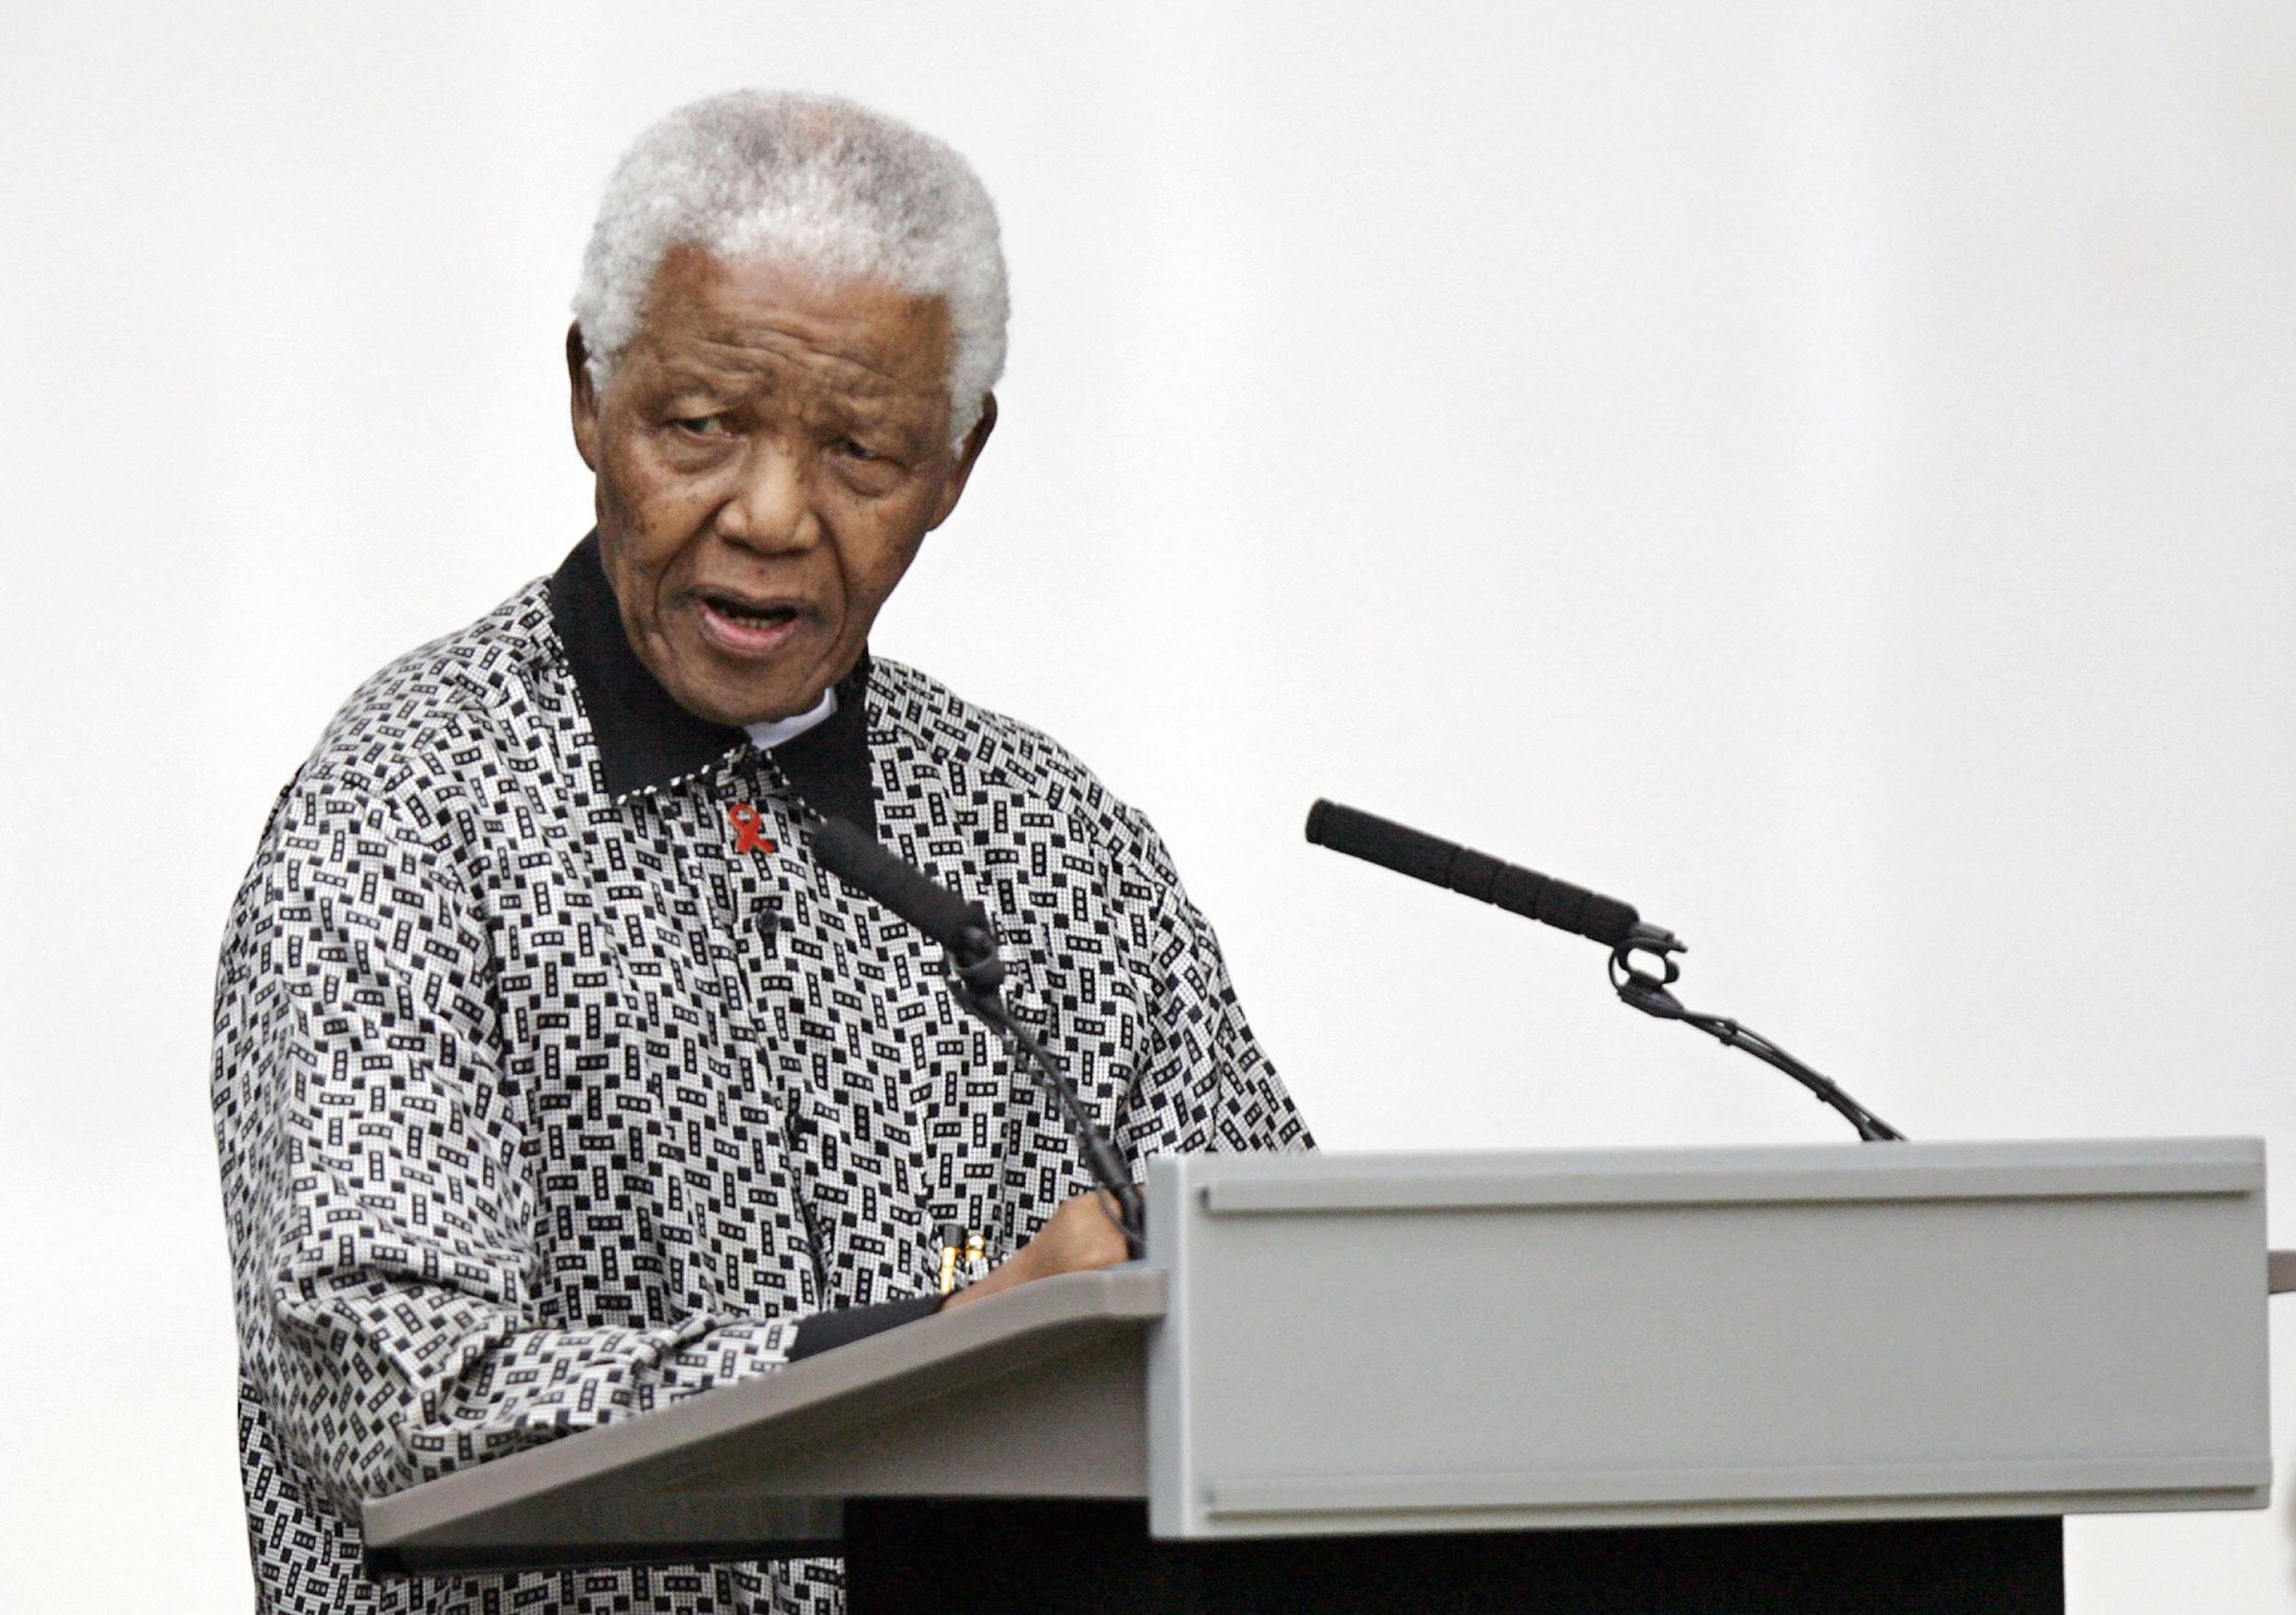 Бывший президент Южной Африки Нельсон Мандела обращается к собравшимся высокопоставленным лицам и представителям общественности на Парламентской площади в центре Лондона. 29 августа 2007 года